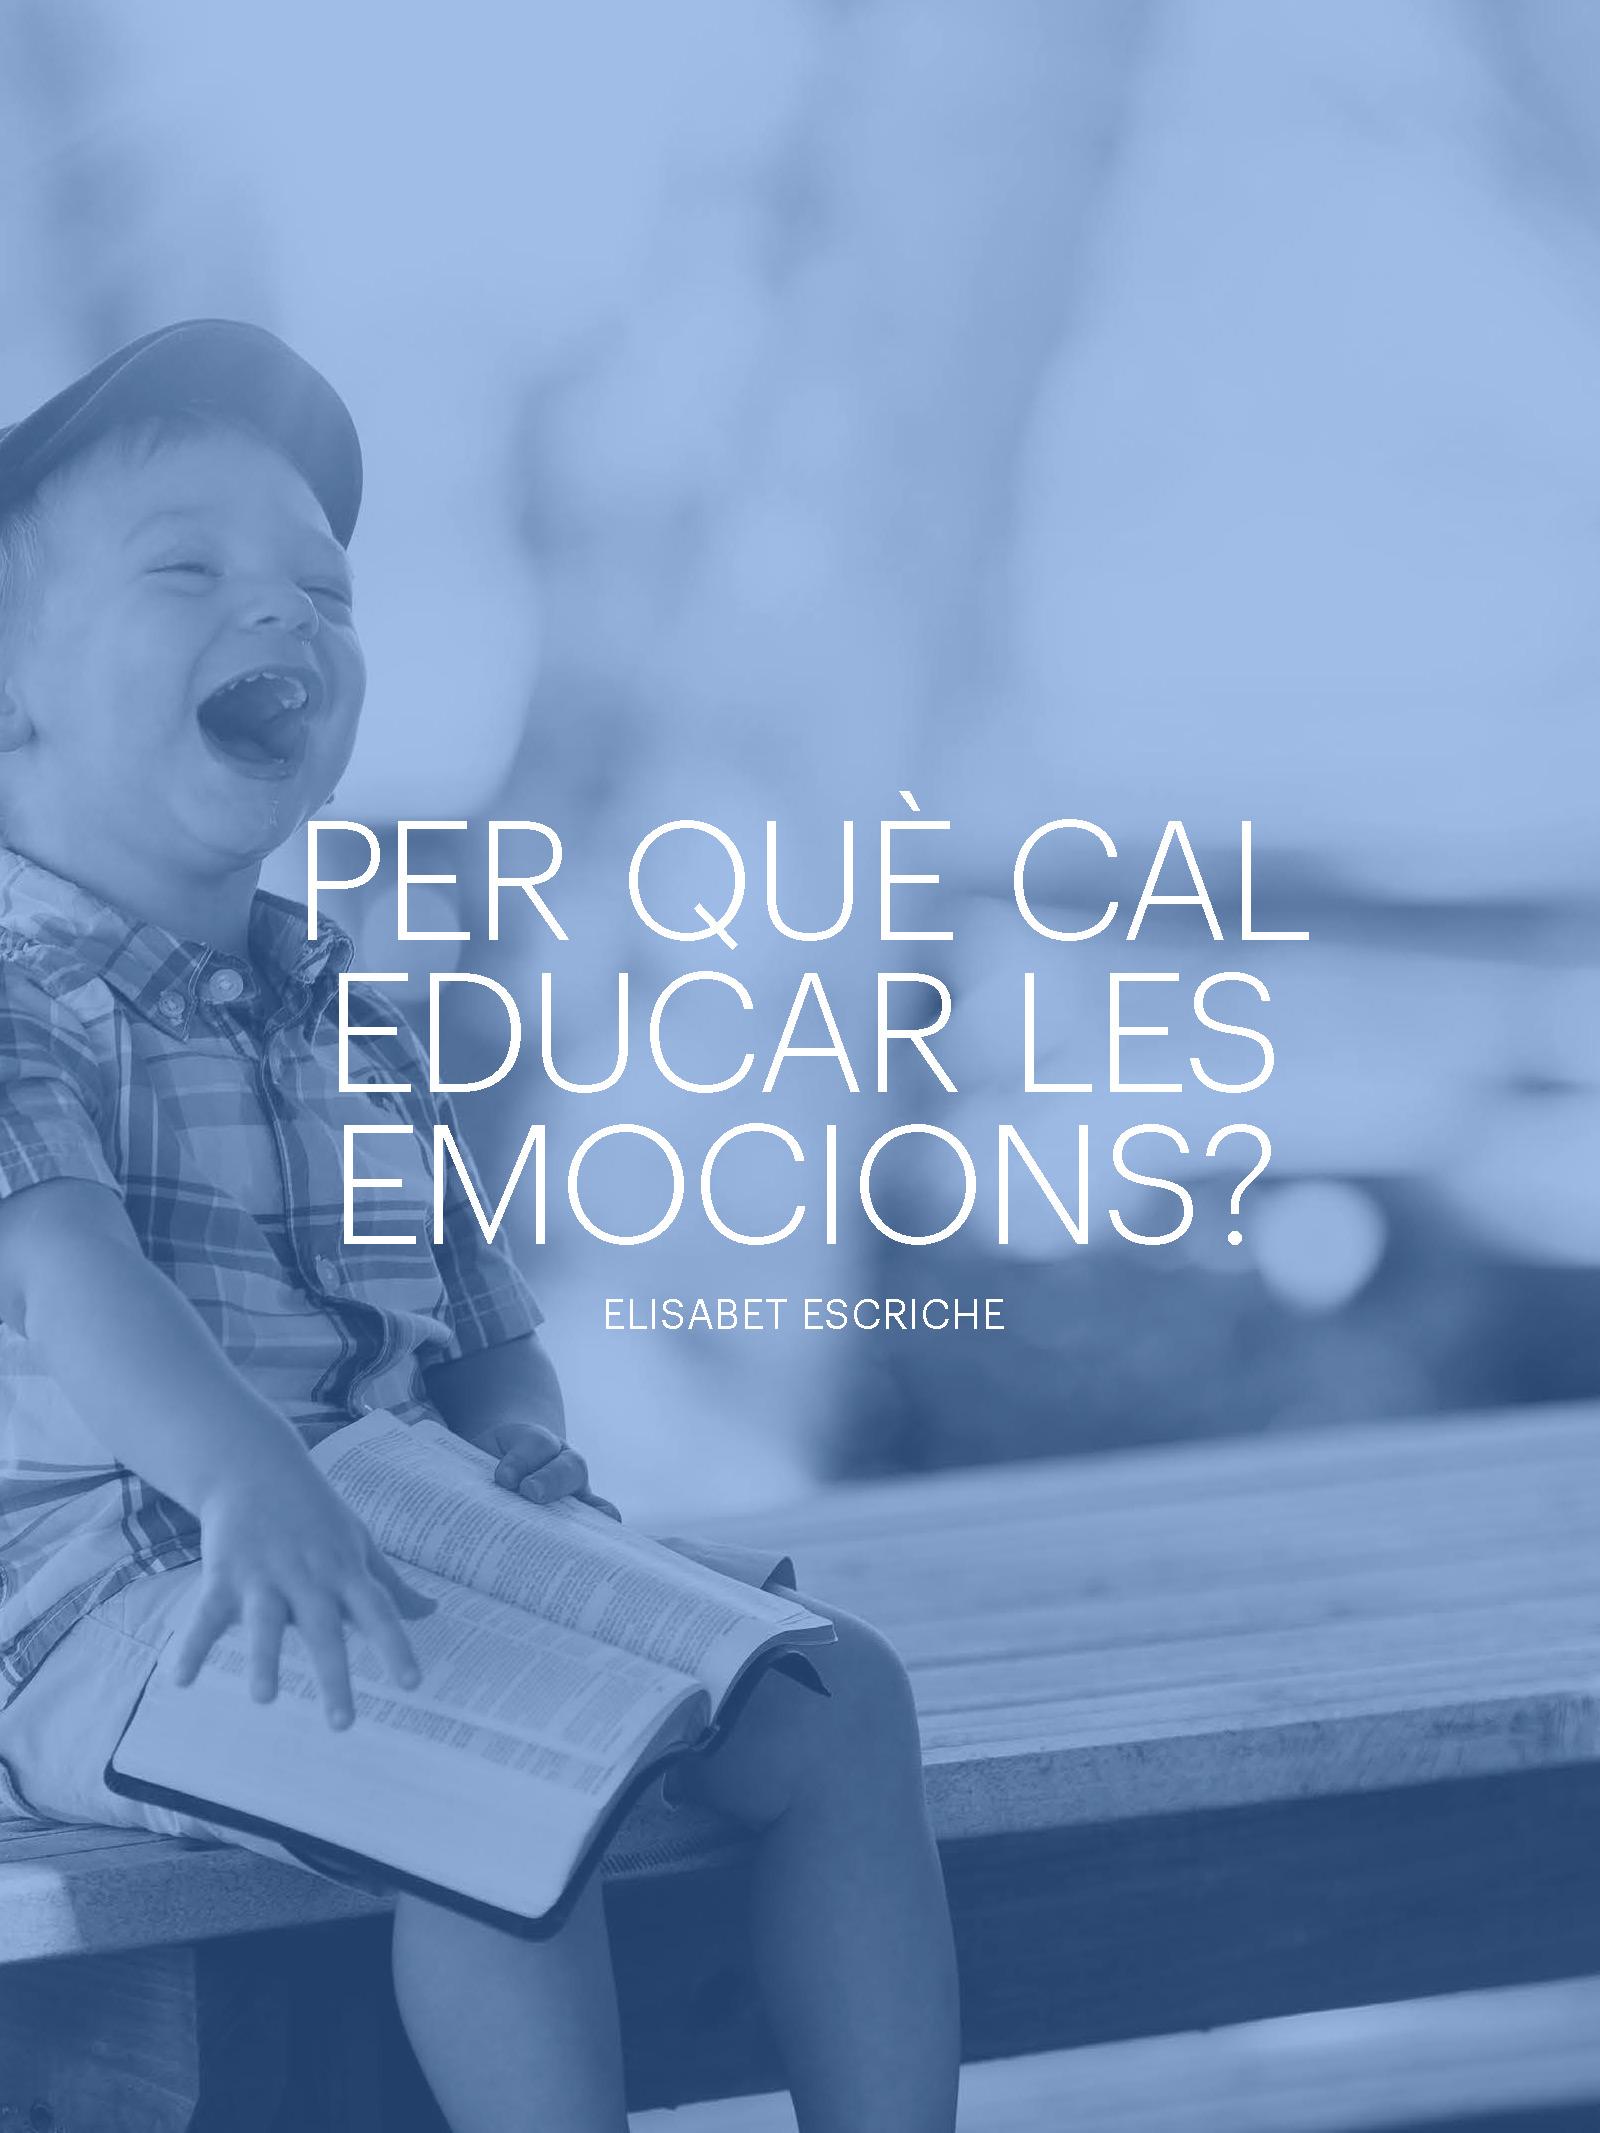 Educar les emocions 3